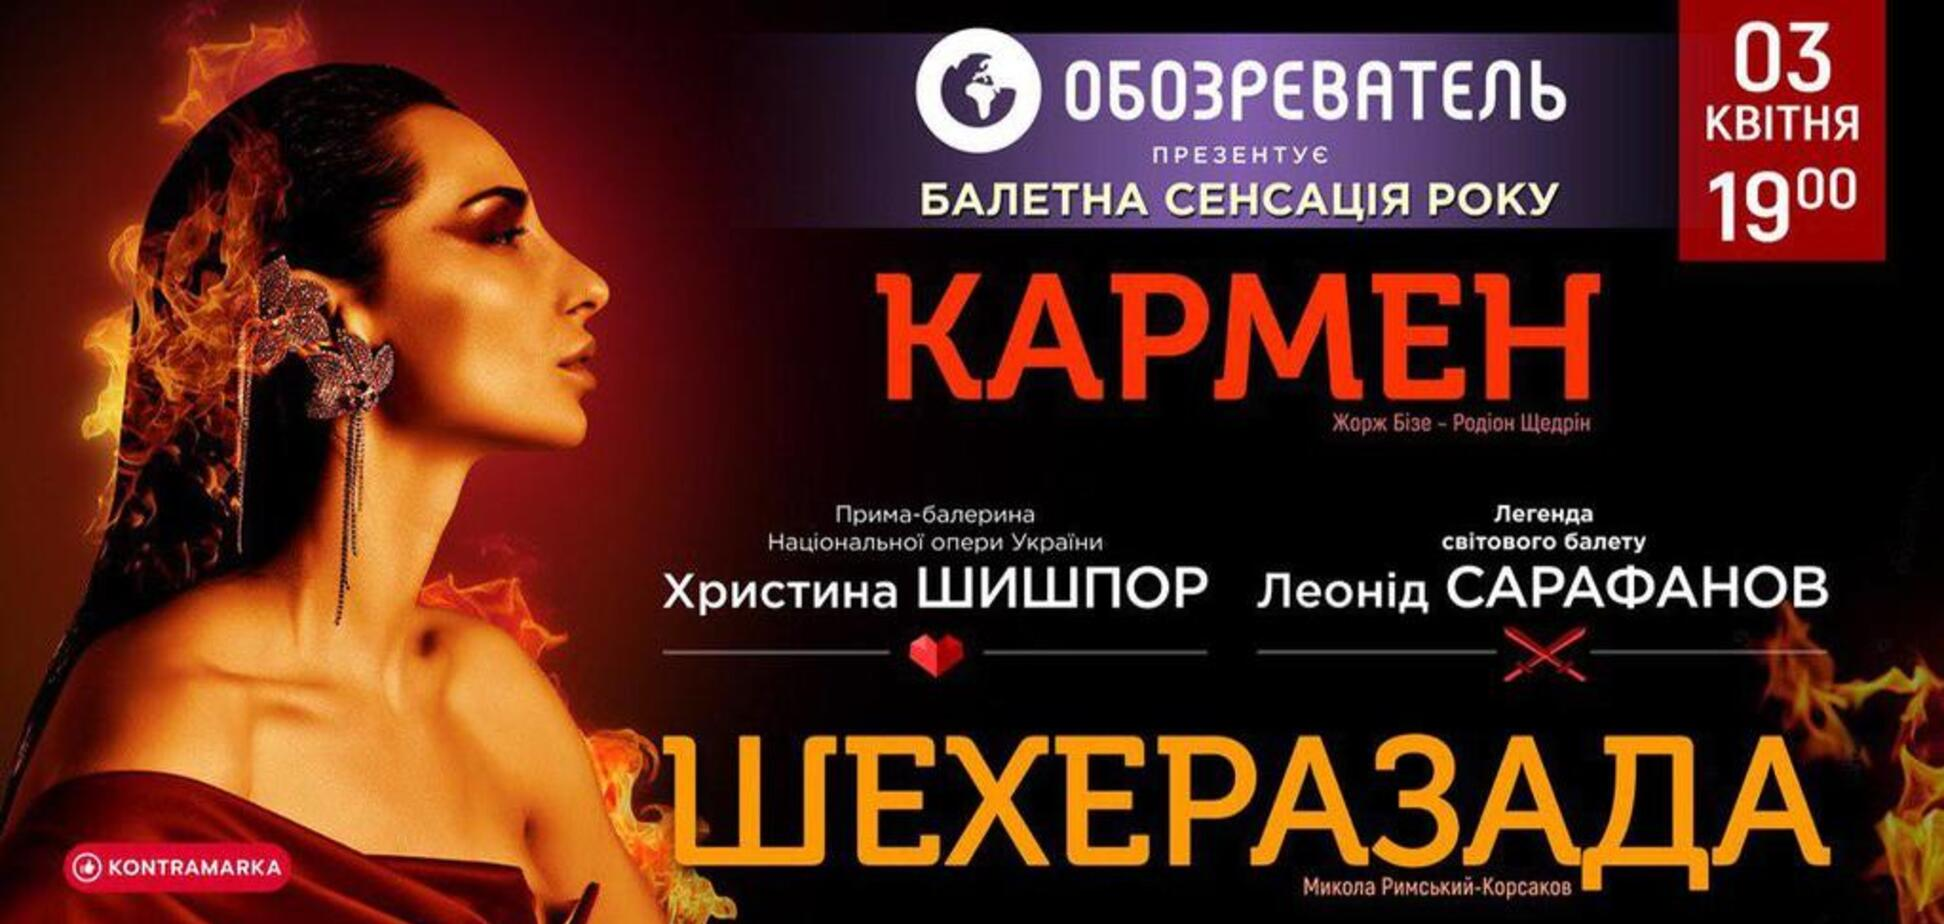 'Шахерезада'/'Кармен-сюїта': у Києві відбудеться балетна сенсація року